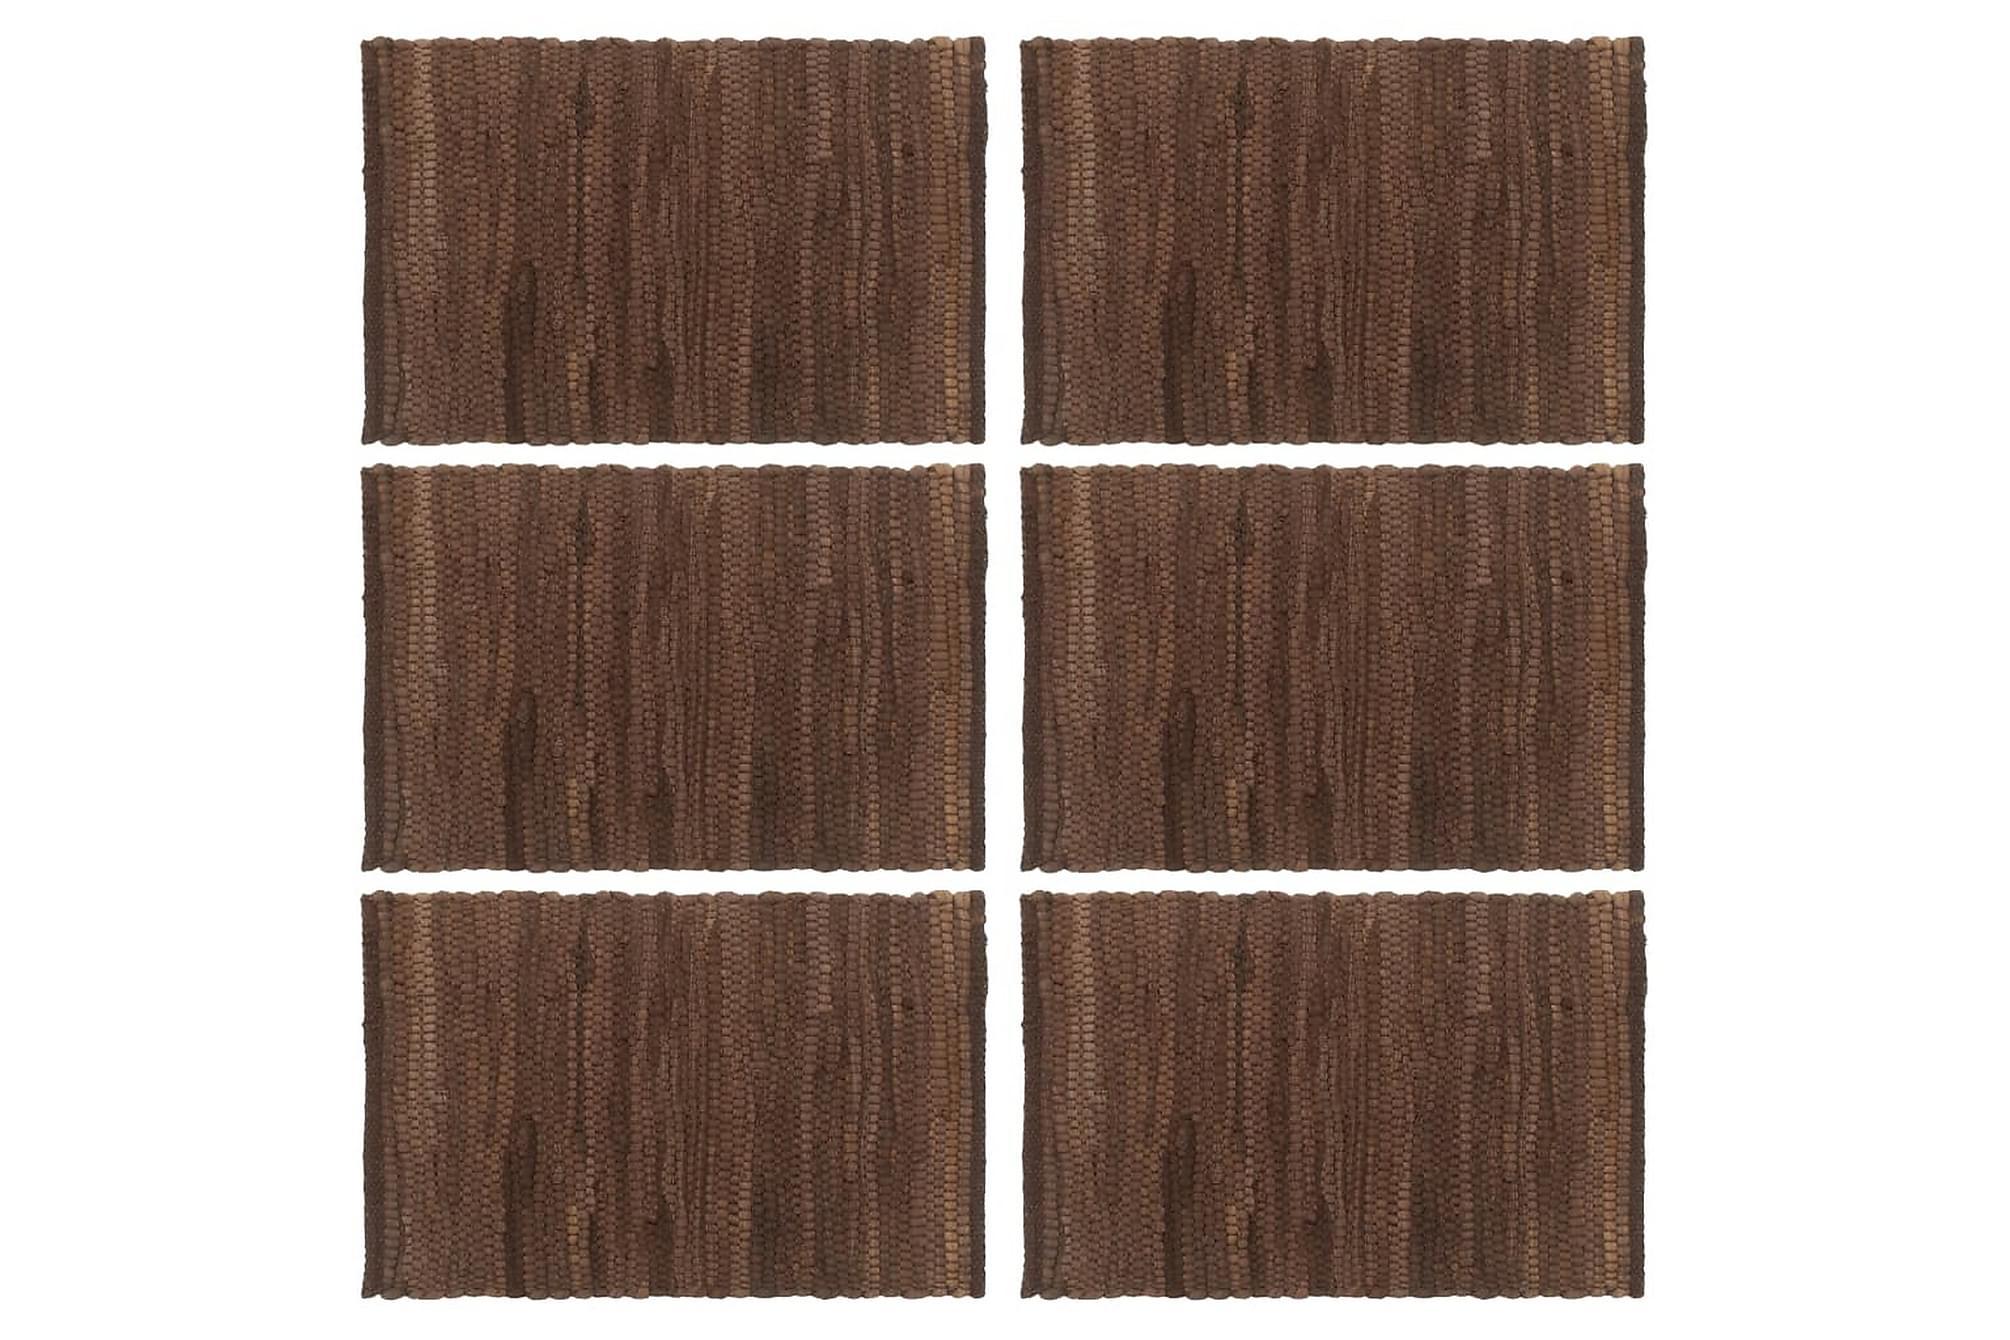 Bordstabletter 6 st chindi brun 30x45 cm bomull, Kökstextilier